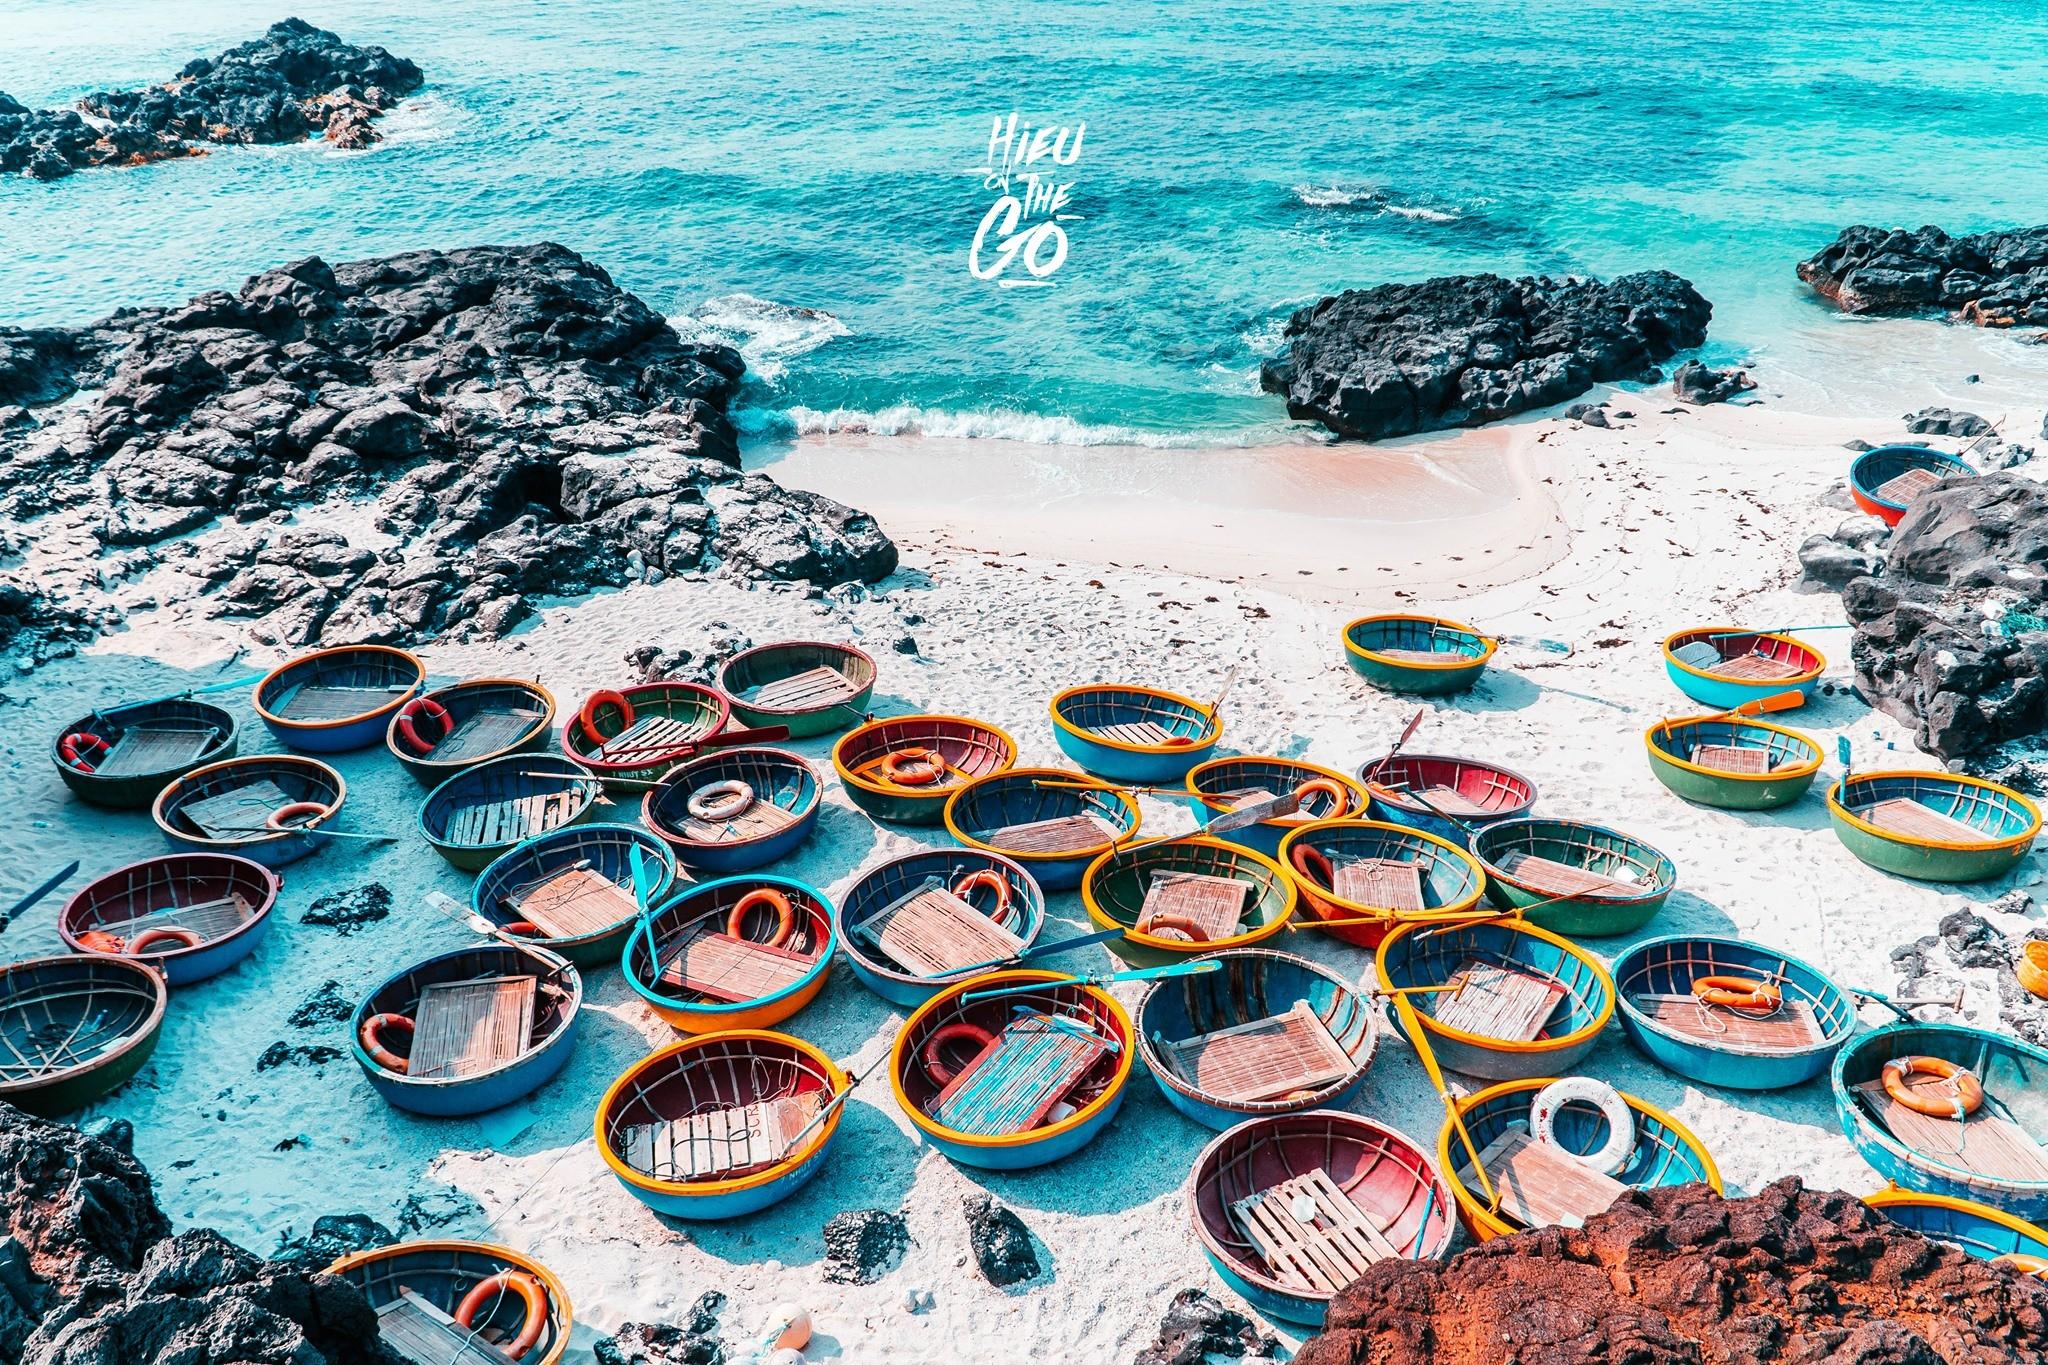 Top 12 hòn đảo thiên đường ở Việt Nam cho du lịch biển đảo 2020 - PYS Travel